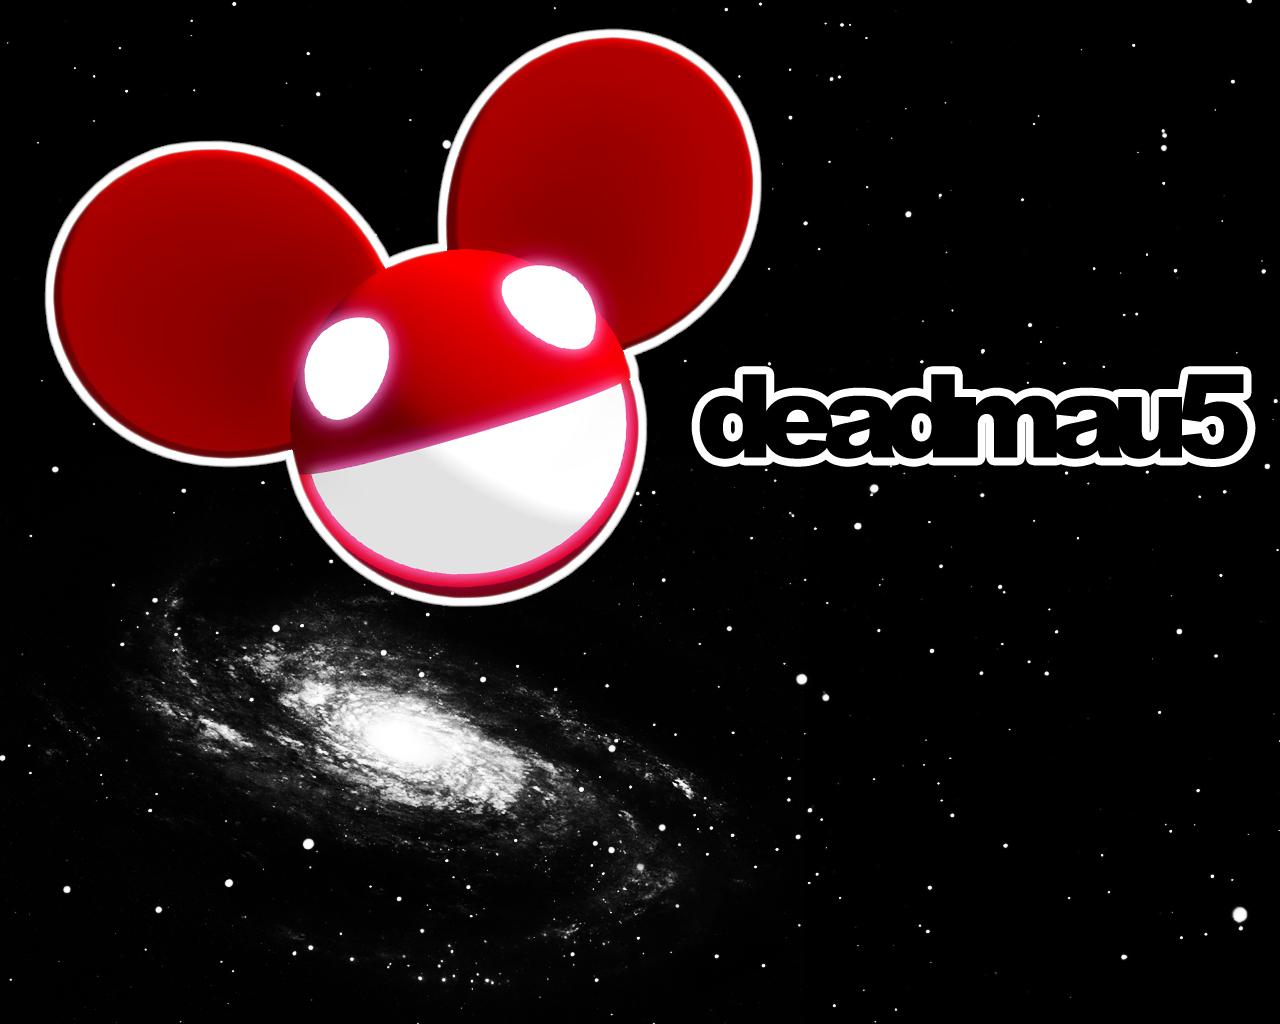 deadmau5 deadmau5 wallpaper 7985610 fanpop